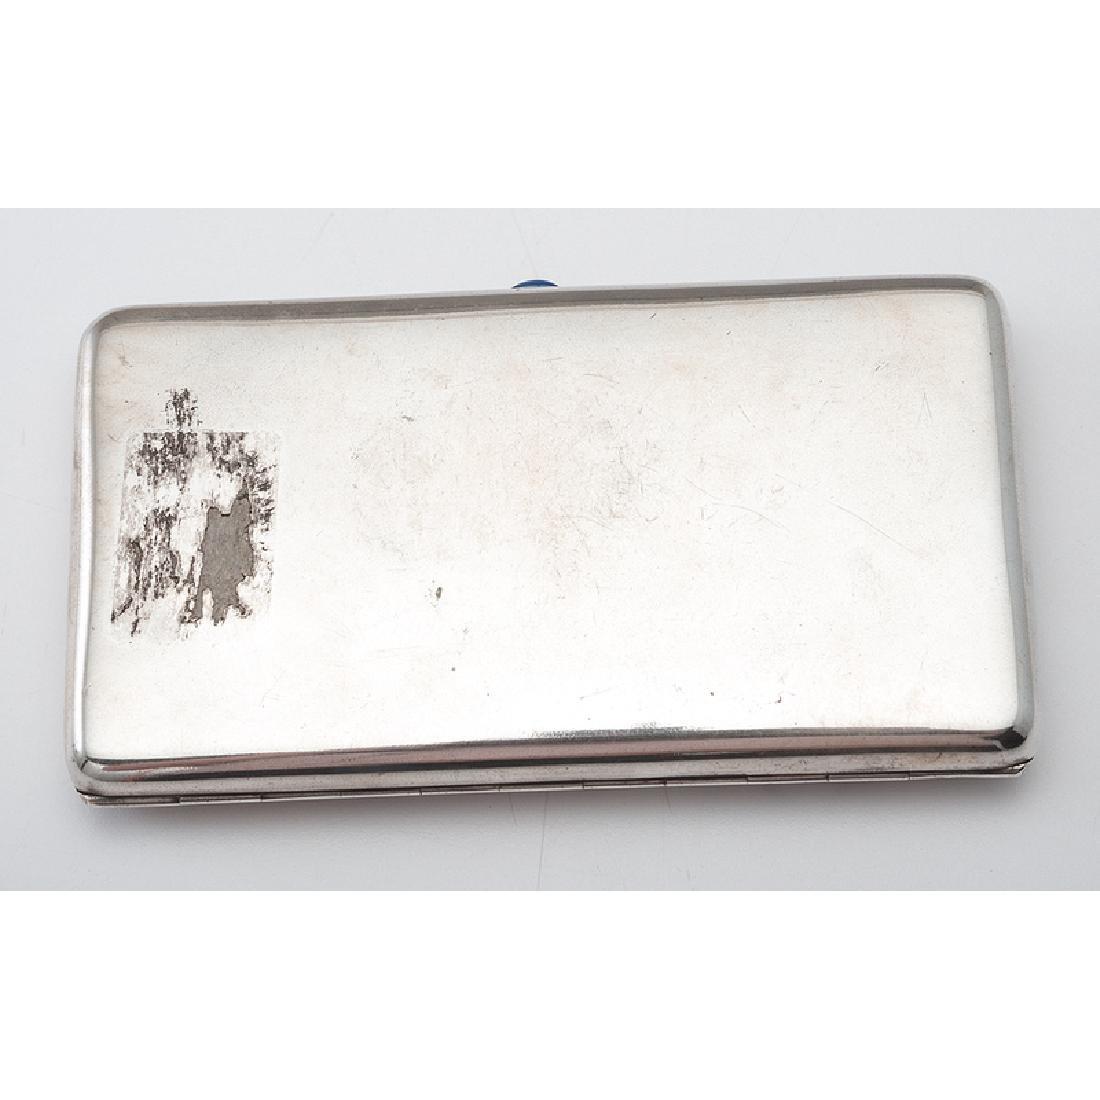 Russian Silver Cigarette Case with Sapphire Cabochon - 2